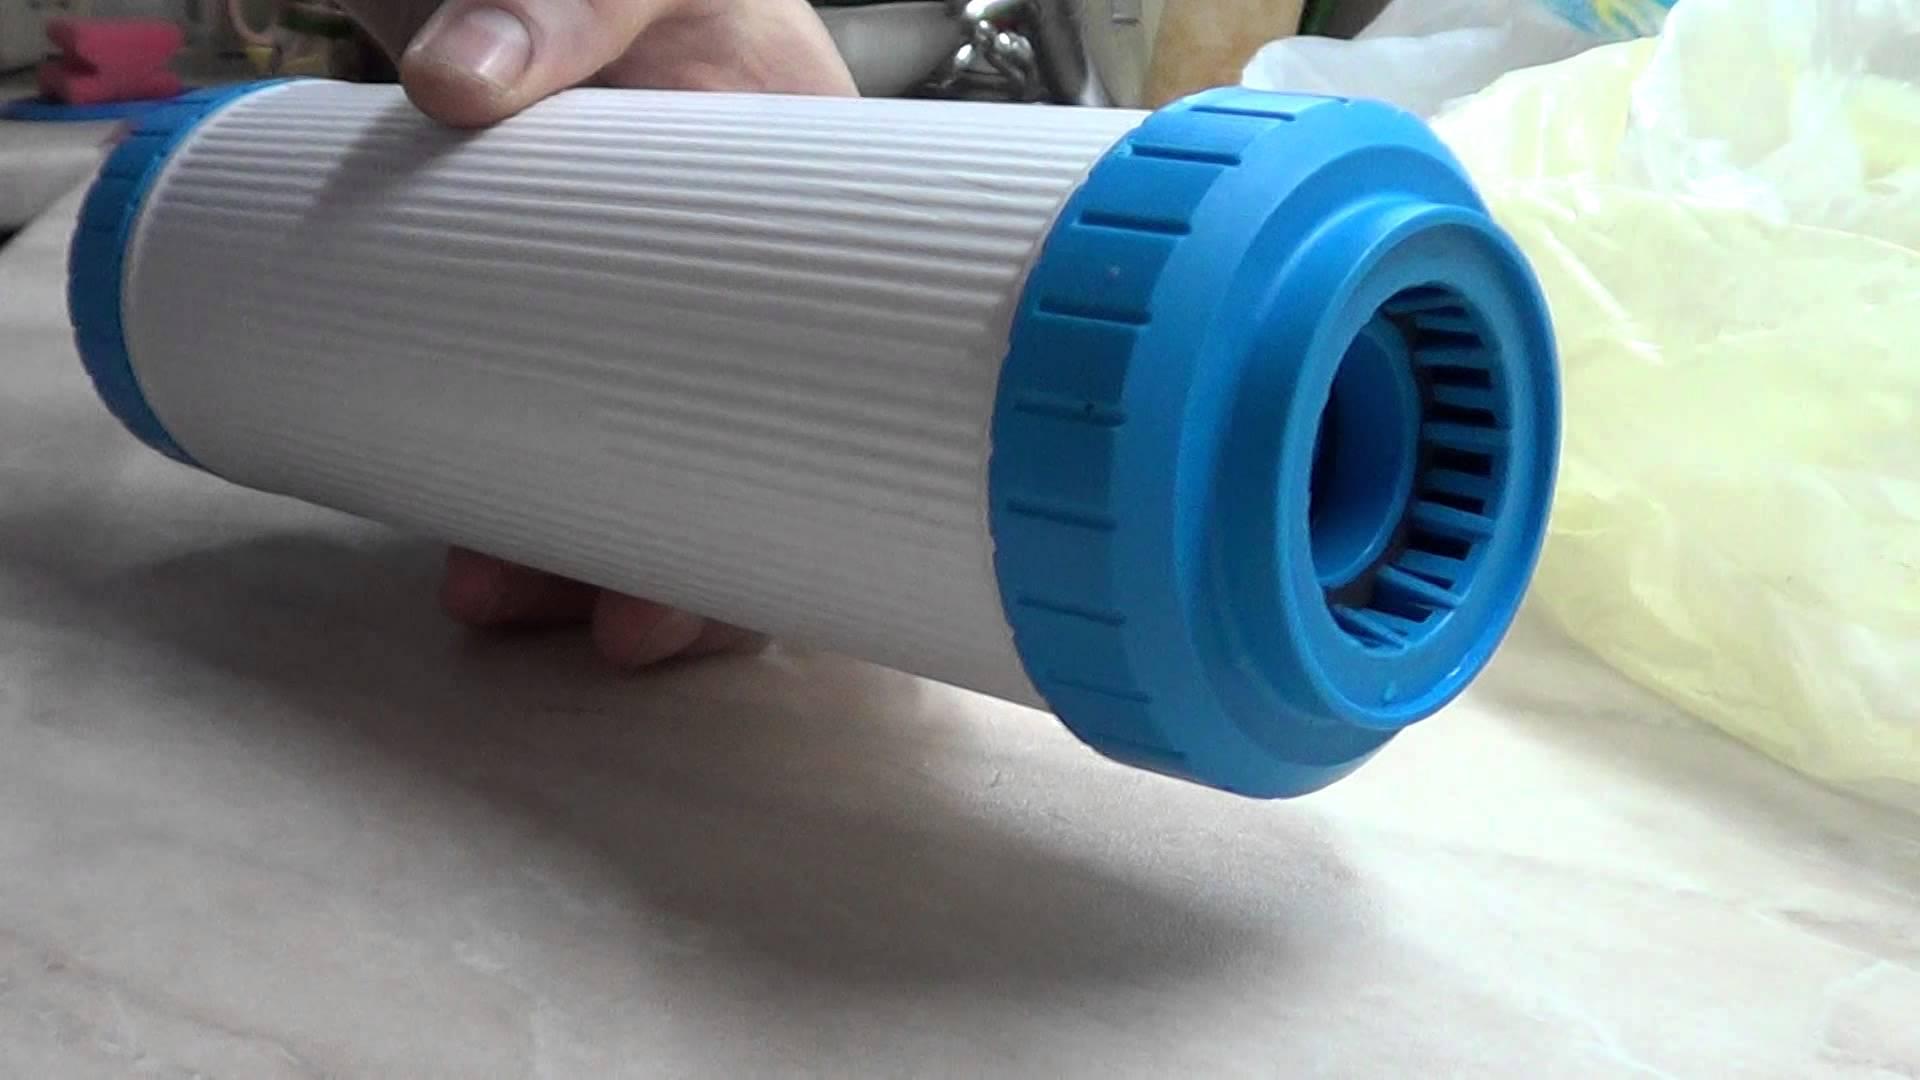 Фильтр для воды из колодца своими руками